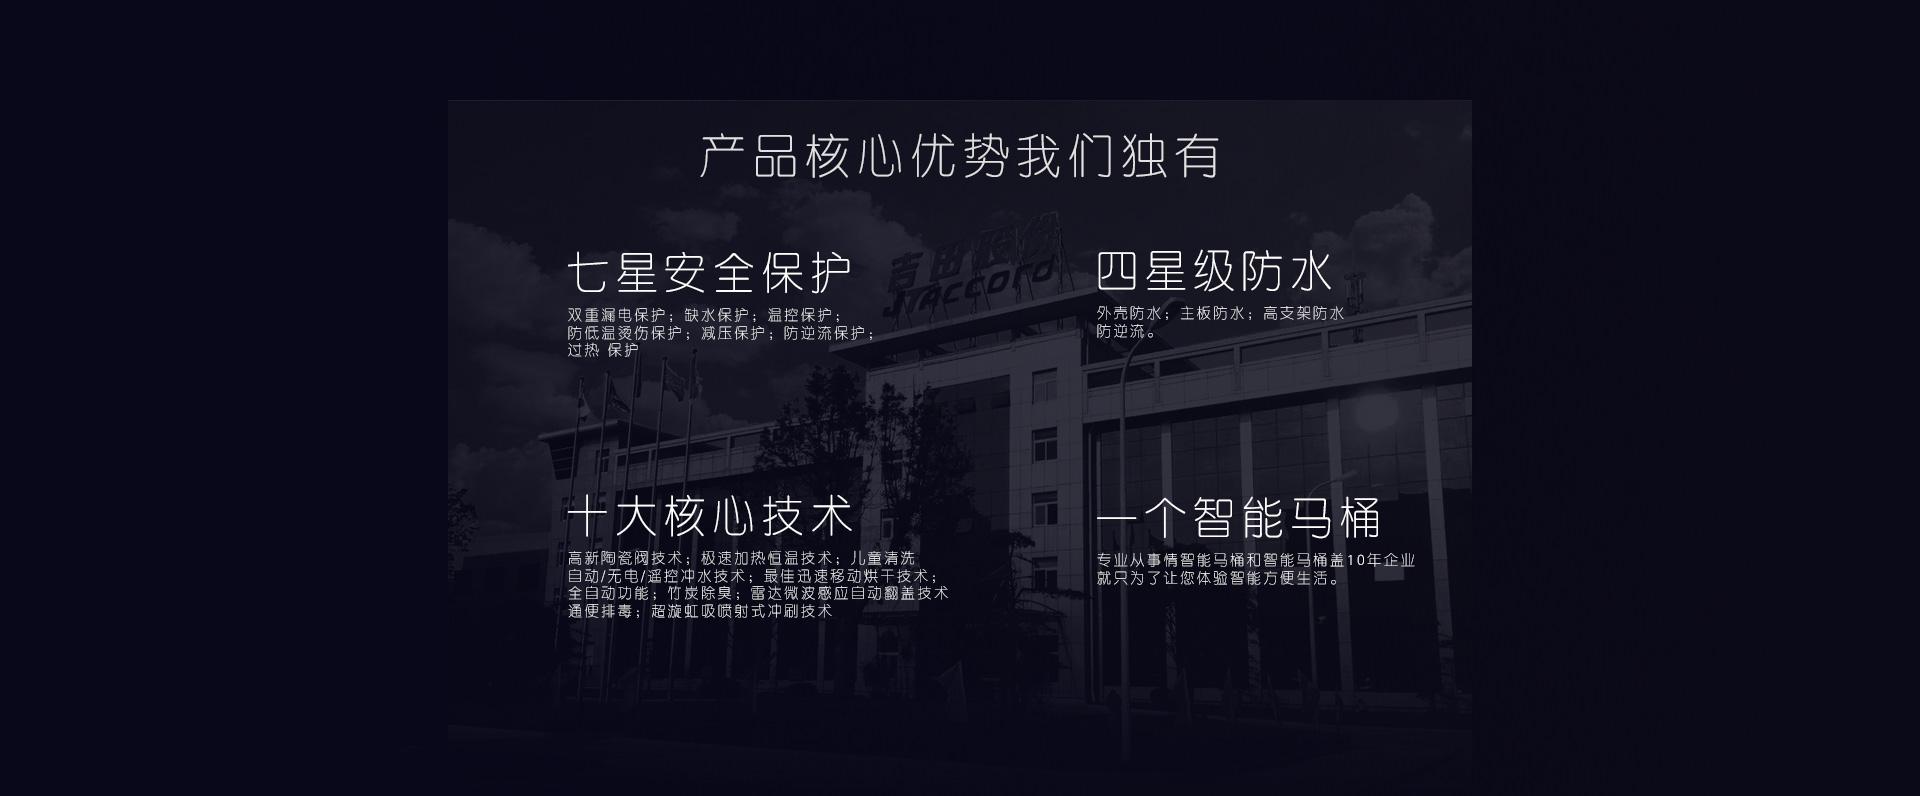 吉田招商广告